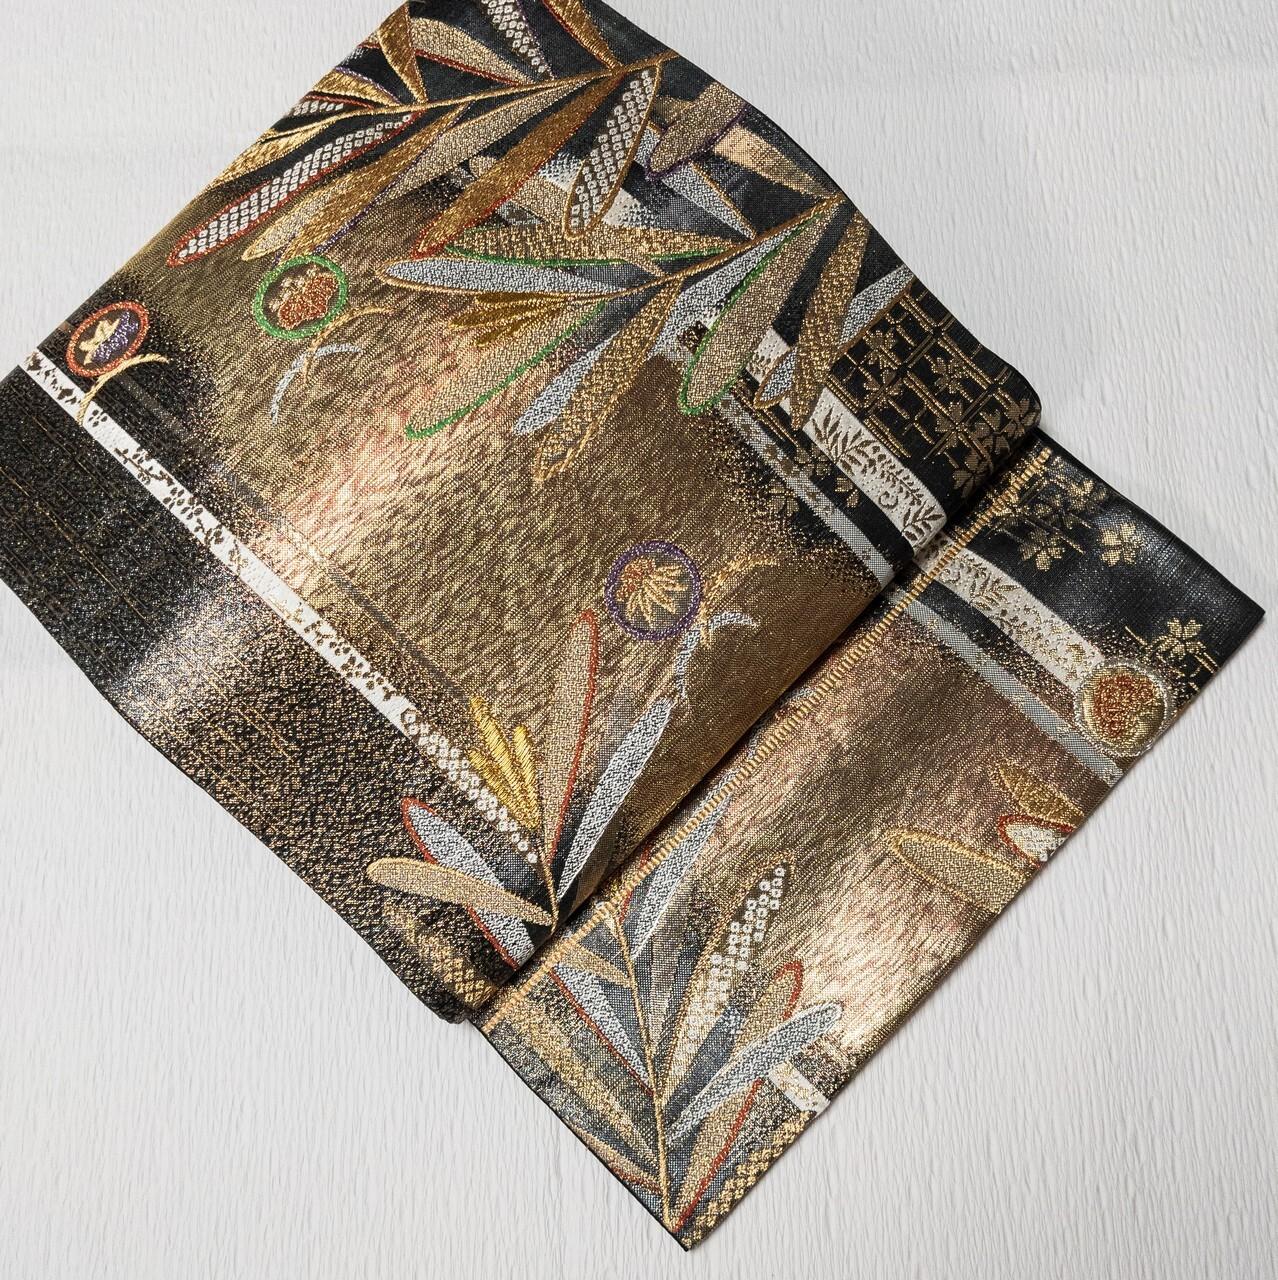 【使用感少】袋帯 西陣織証紙あり 六通 金糸 箔 若松 黒×ゴールド